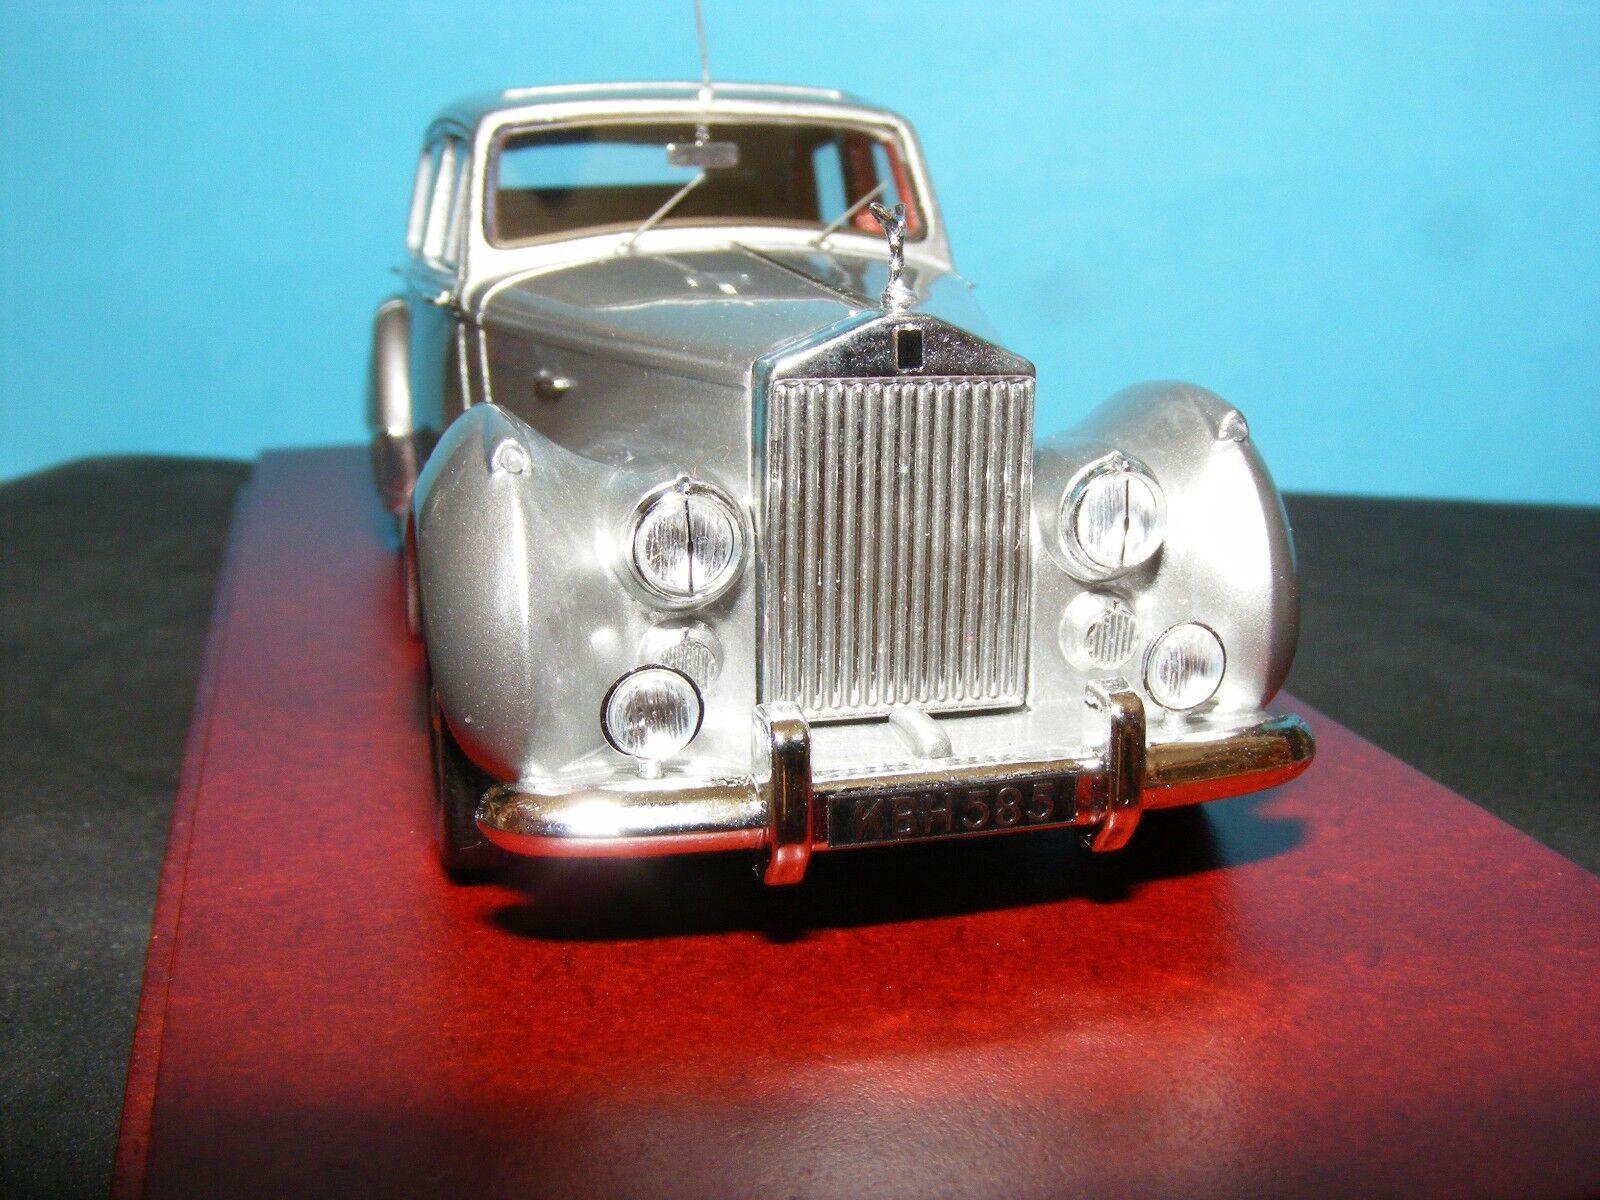 Rolls-Royce Silver Dawn 1949 Qualité 1:43 Moulé Sous Pression par True Scale minatures | Dans Un Style élégant  | Online Store  | De Nouvelles Variétés Sont Introduites L'une Après L'autre  | Exquis Art